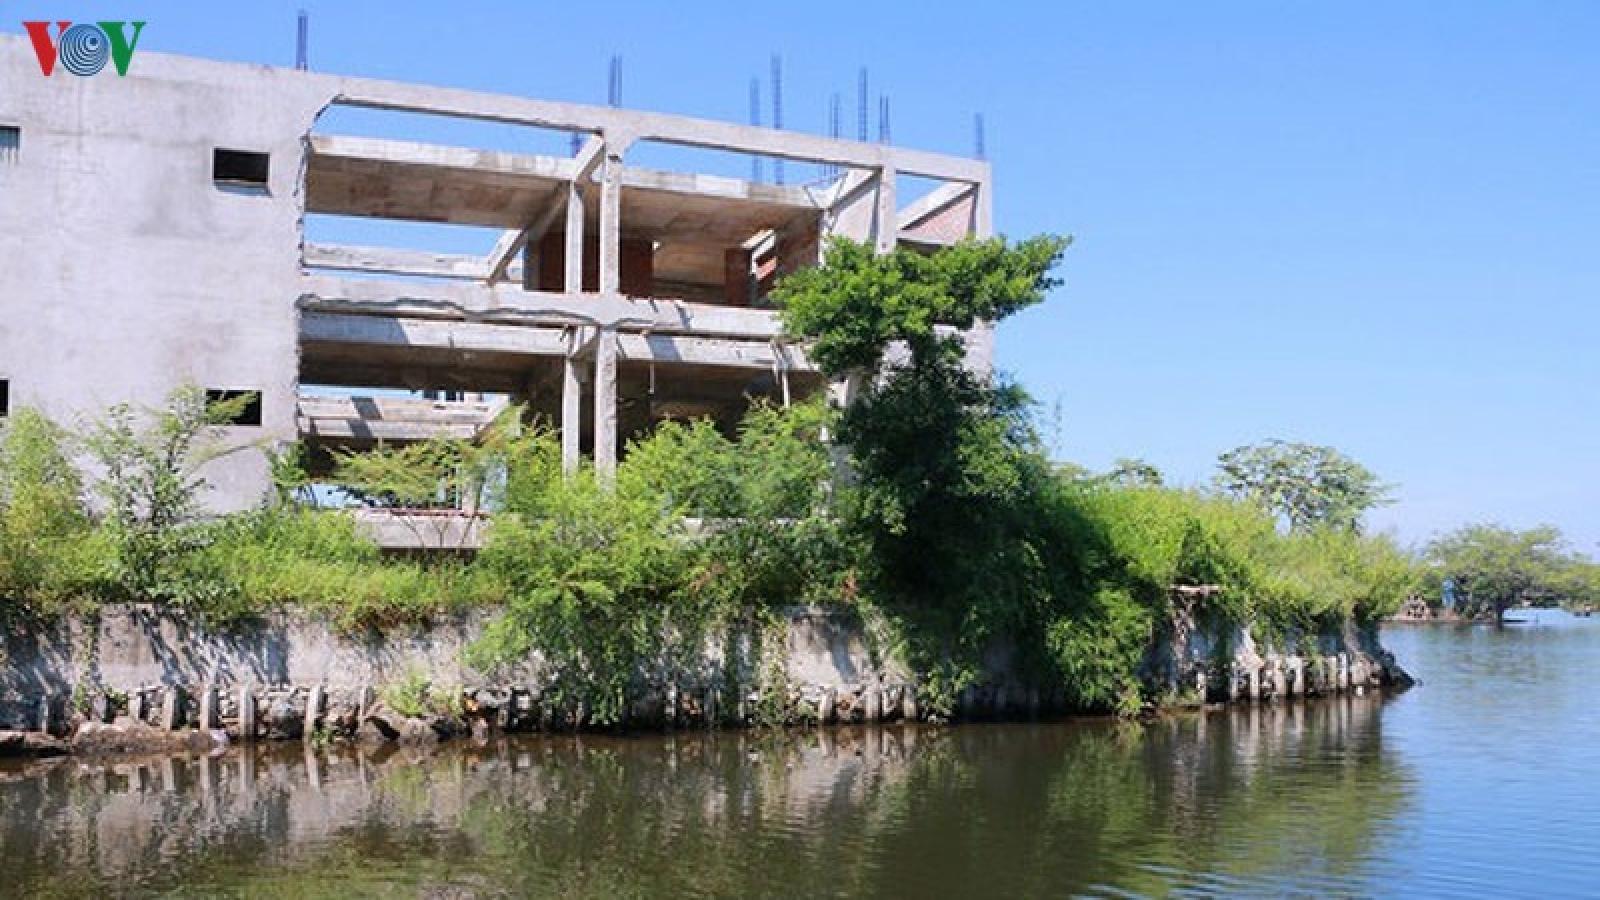 Chủ đầu tư chây ì tháo dỡ công trình phá vỡ cảnh quan sông Hương